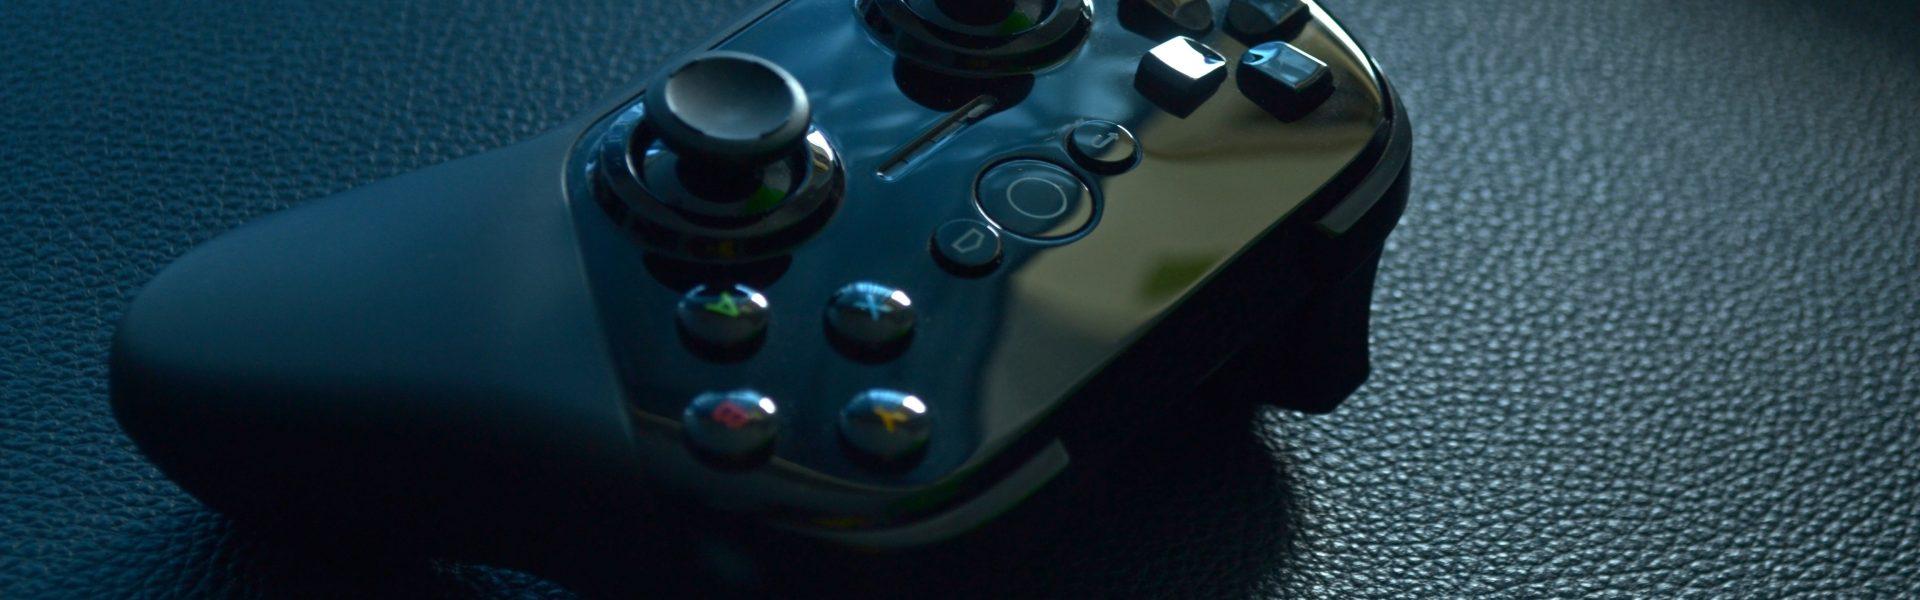 Xbox Series X przedsprzedaż